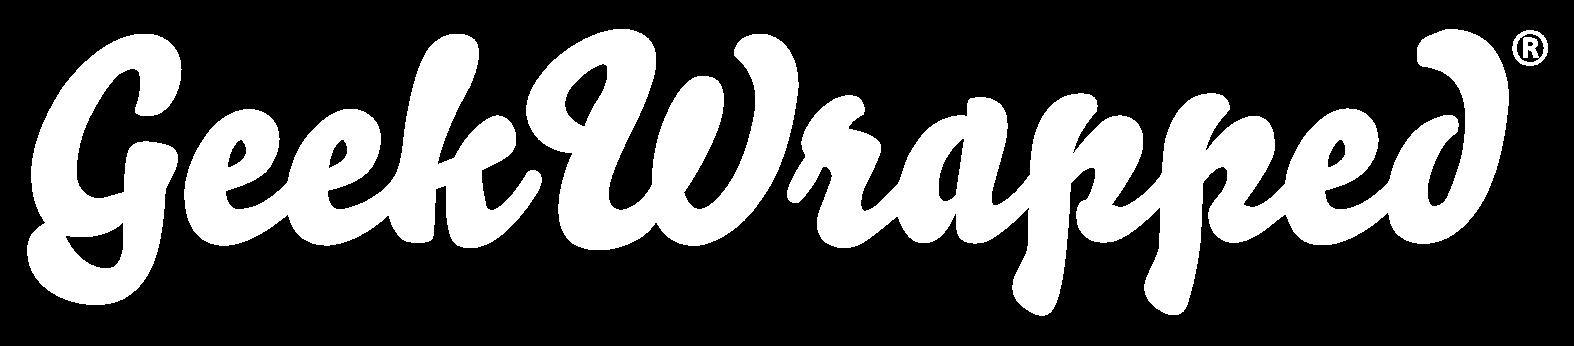 5ad79663a6722a5b7dd6b4d4_GeekWrapped-Logo.png